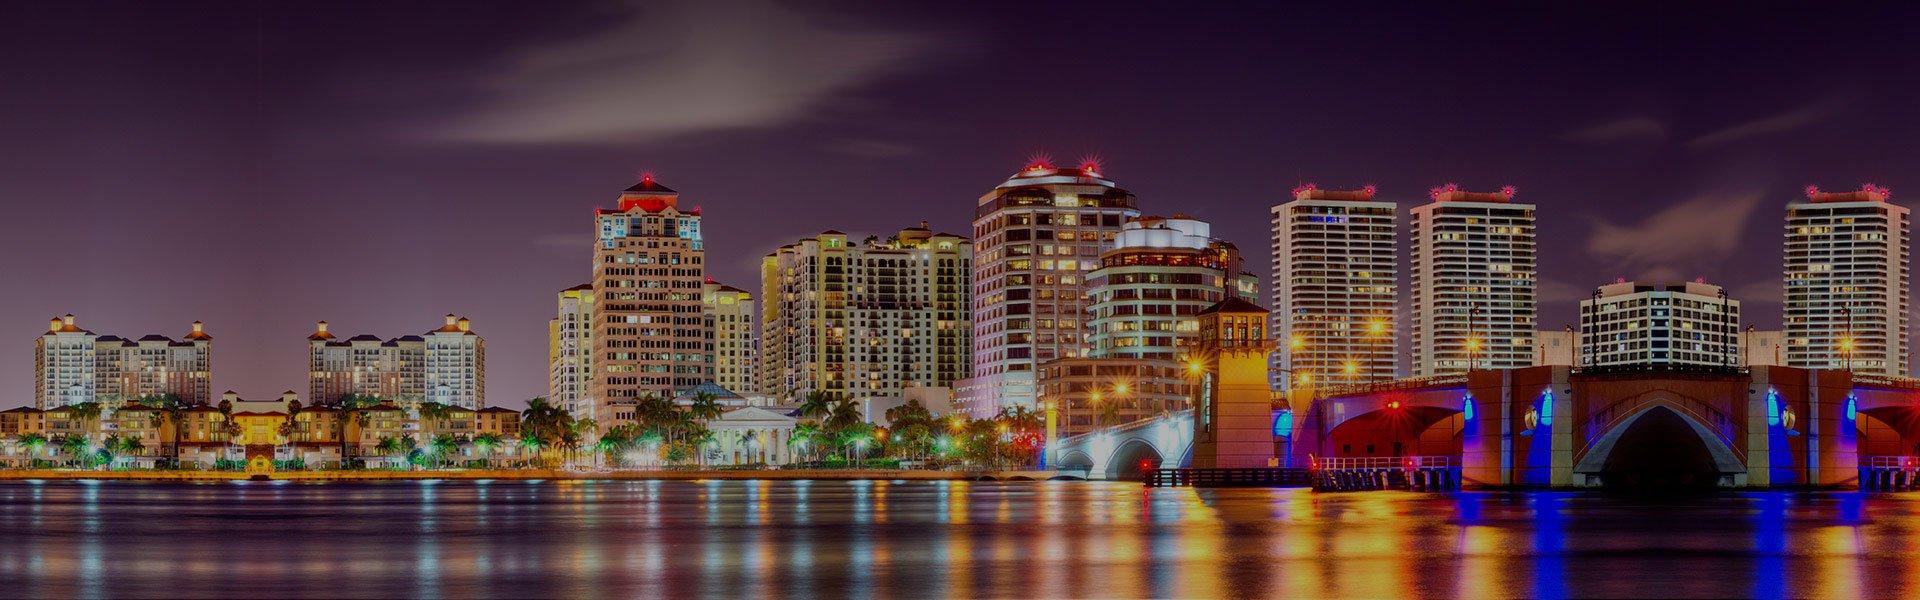 west-palm-beach-skyline